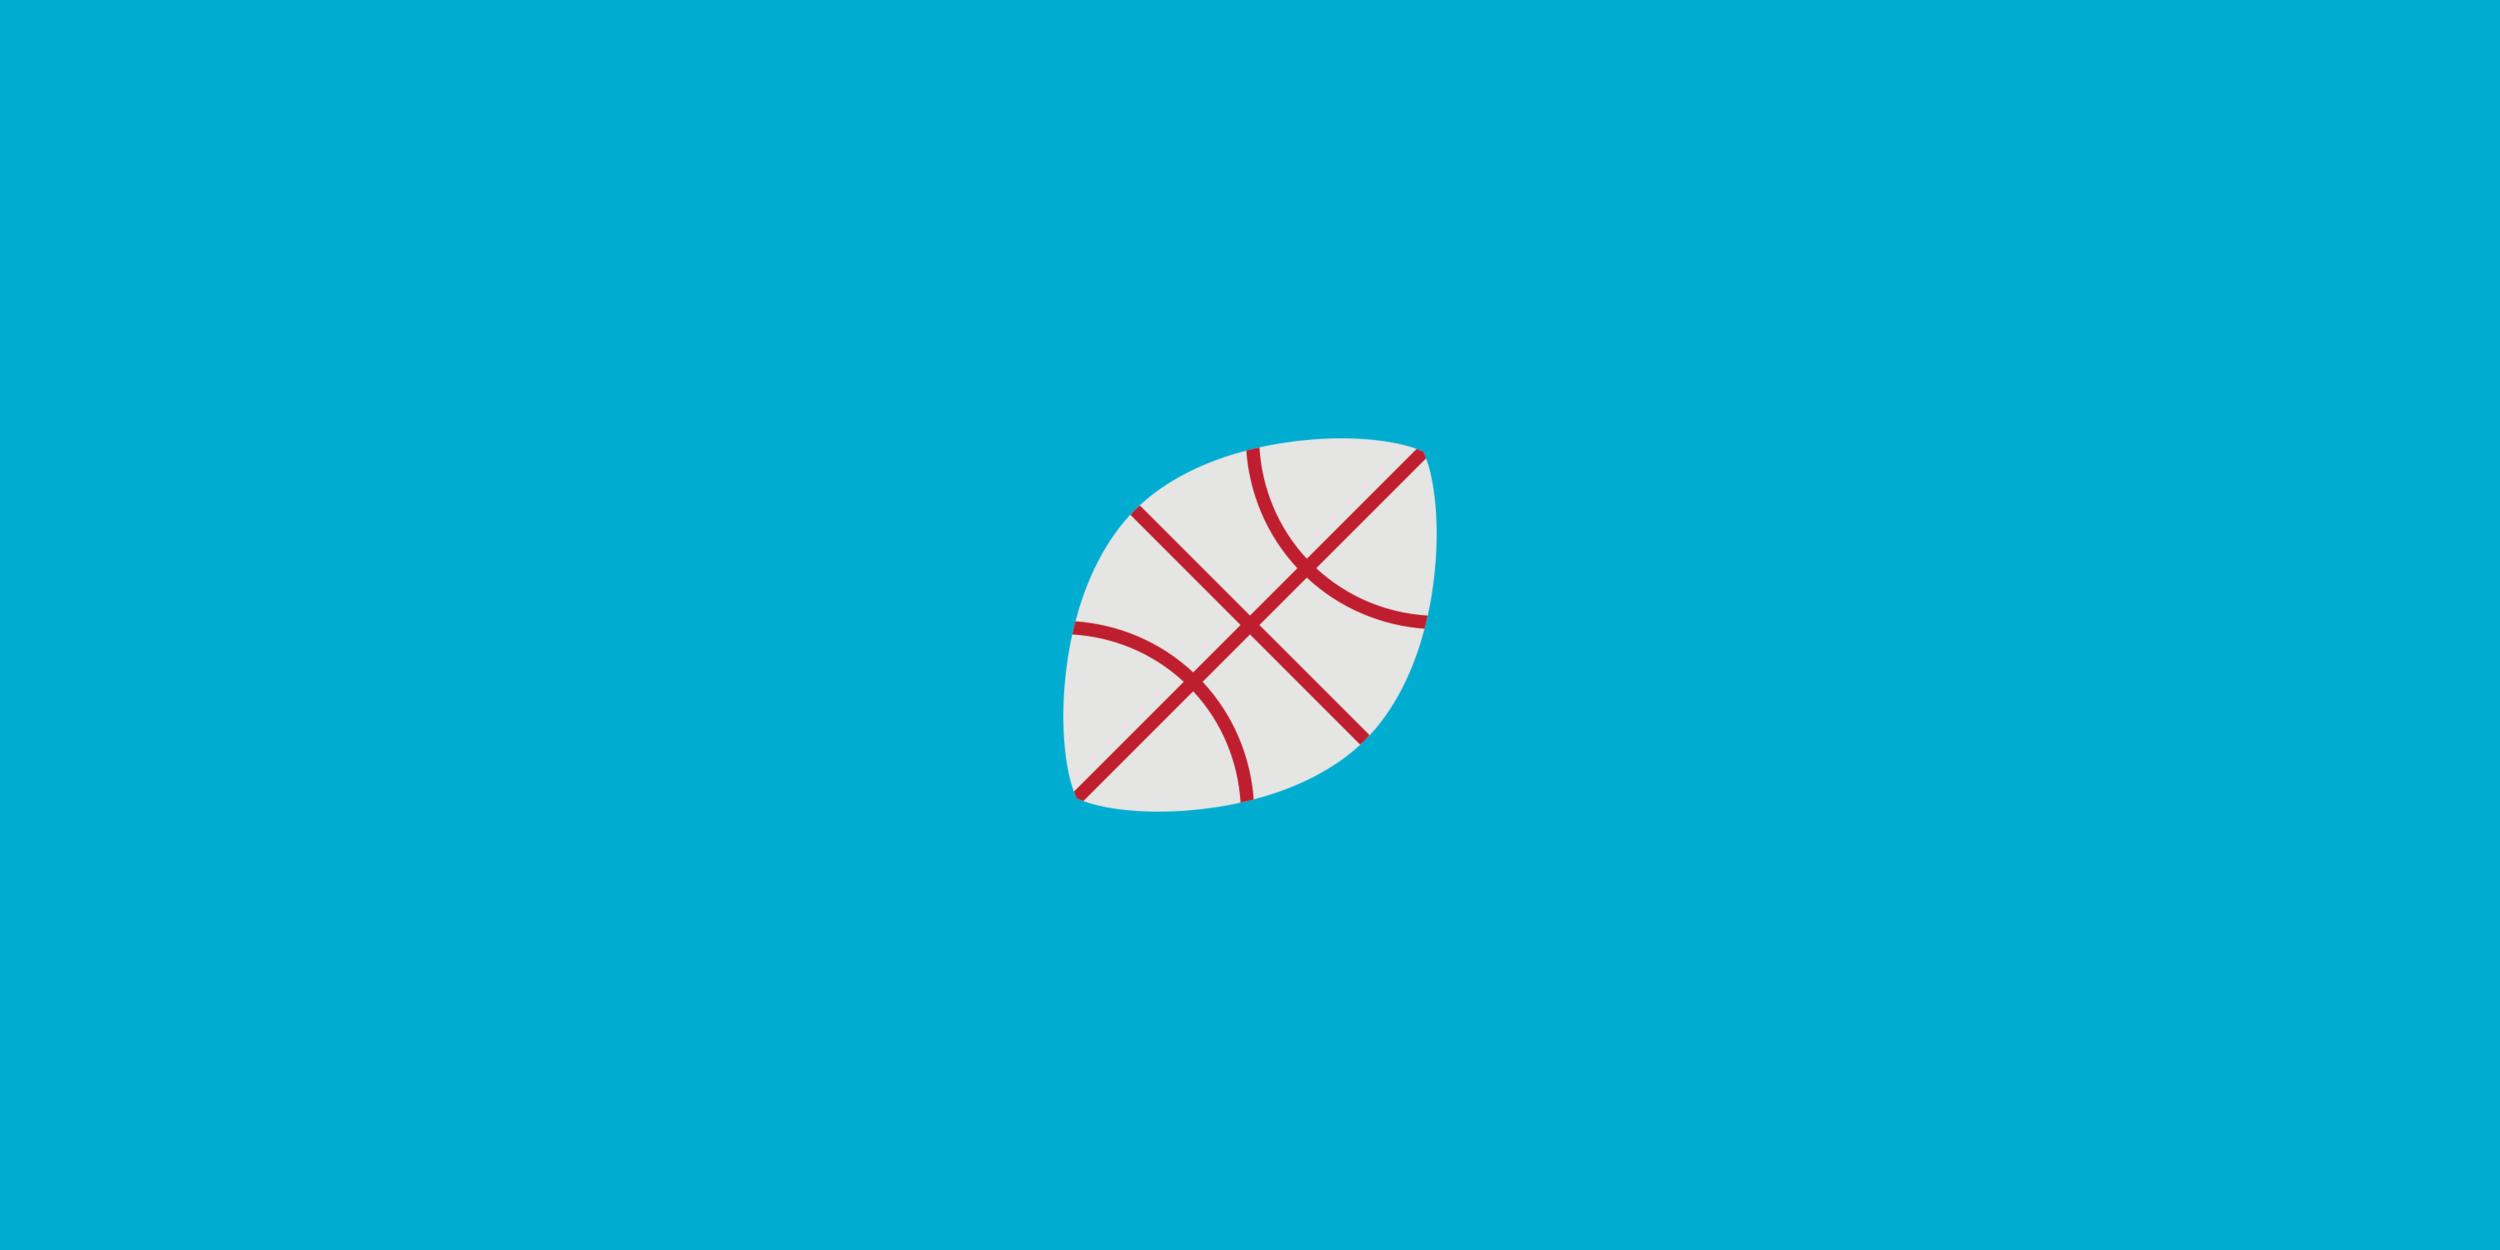 Sportsball Icon